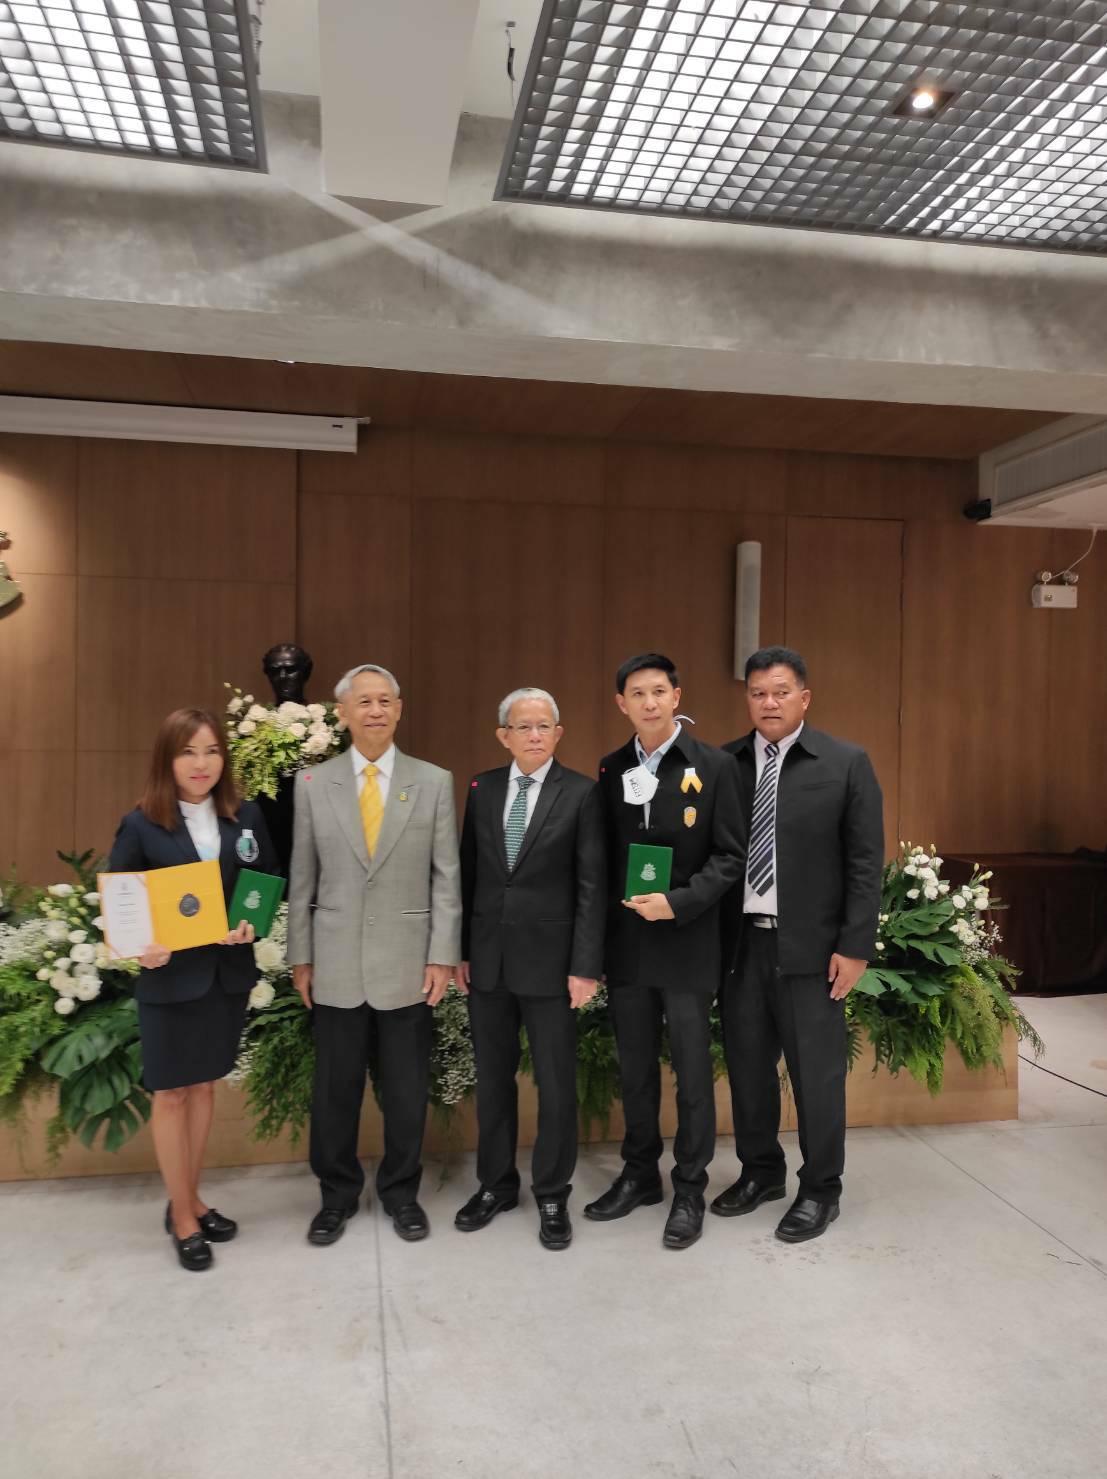 2 นักศึกษา ป.เอก การจัดการนันทนาการฯ รับรางวัล วันสถาปนา ม.ศิลปากร